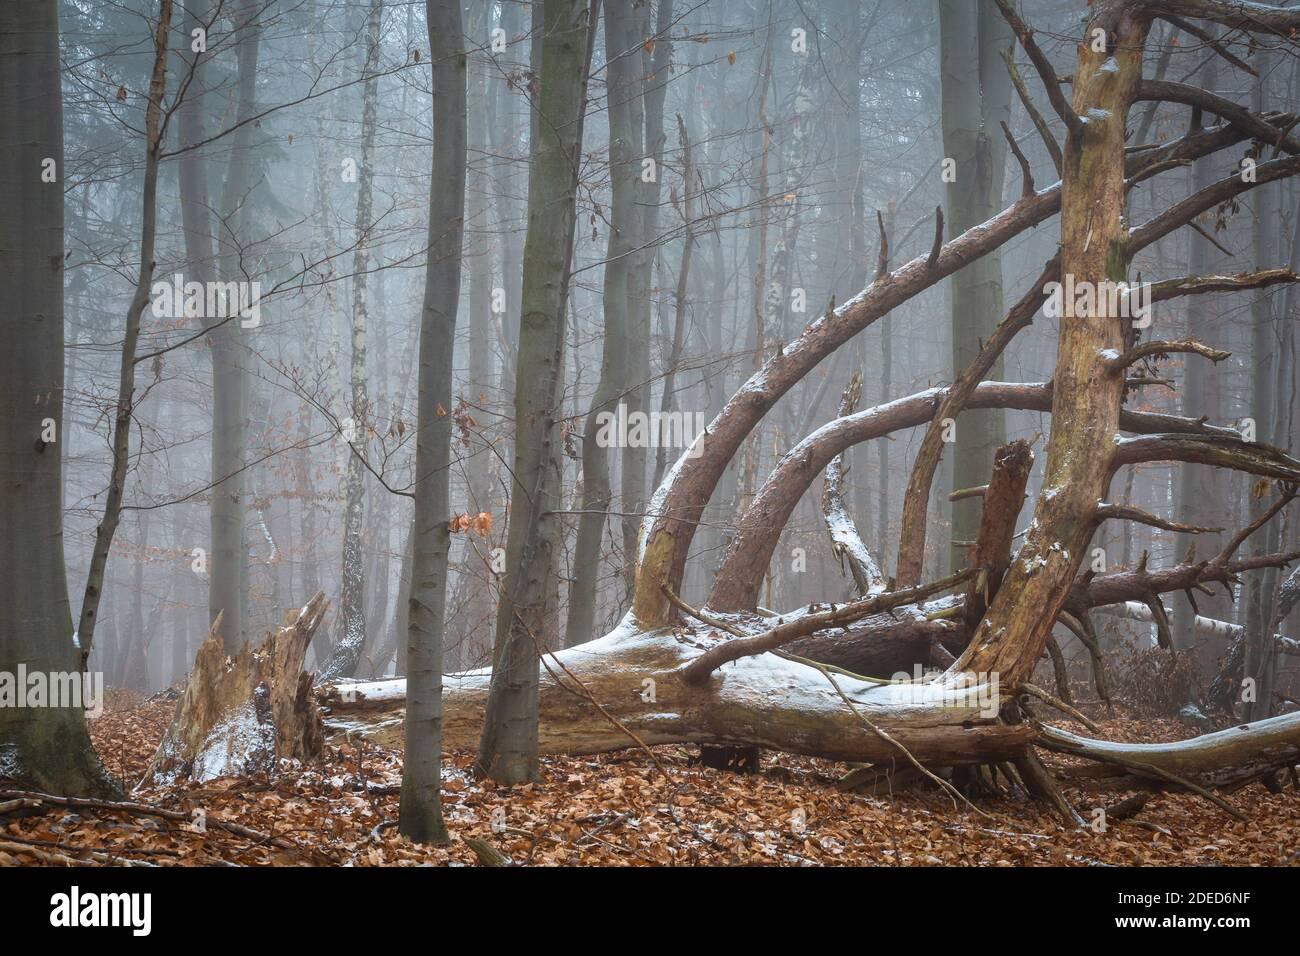 Gefallene Kiefer im Nationalpark Mala Fatra, Slowakei. Stockfoto